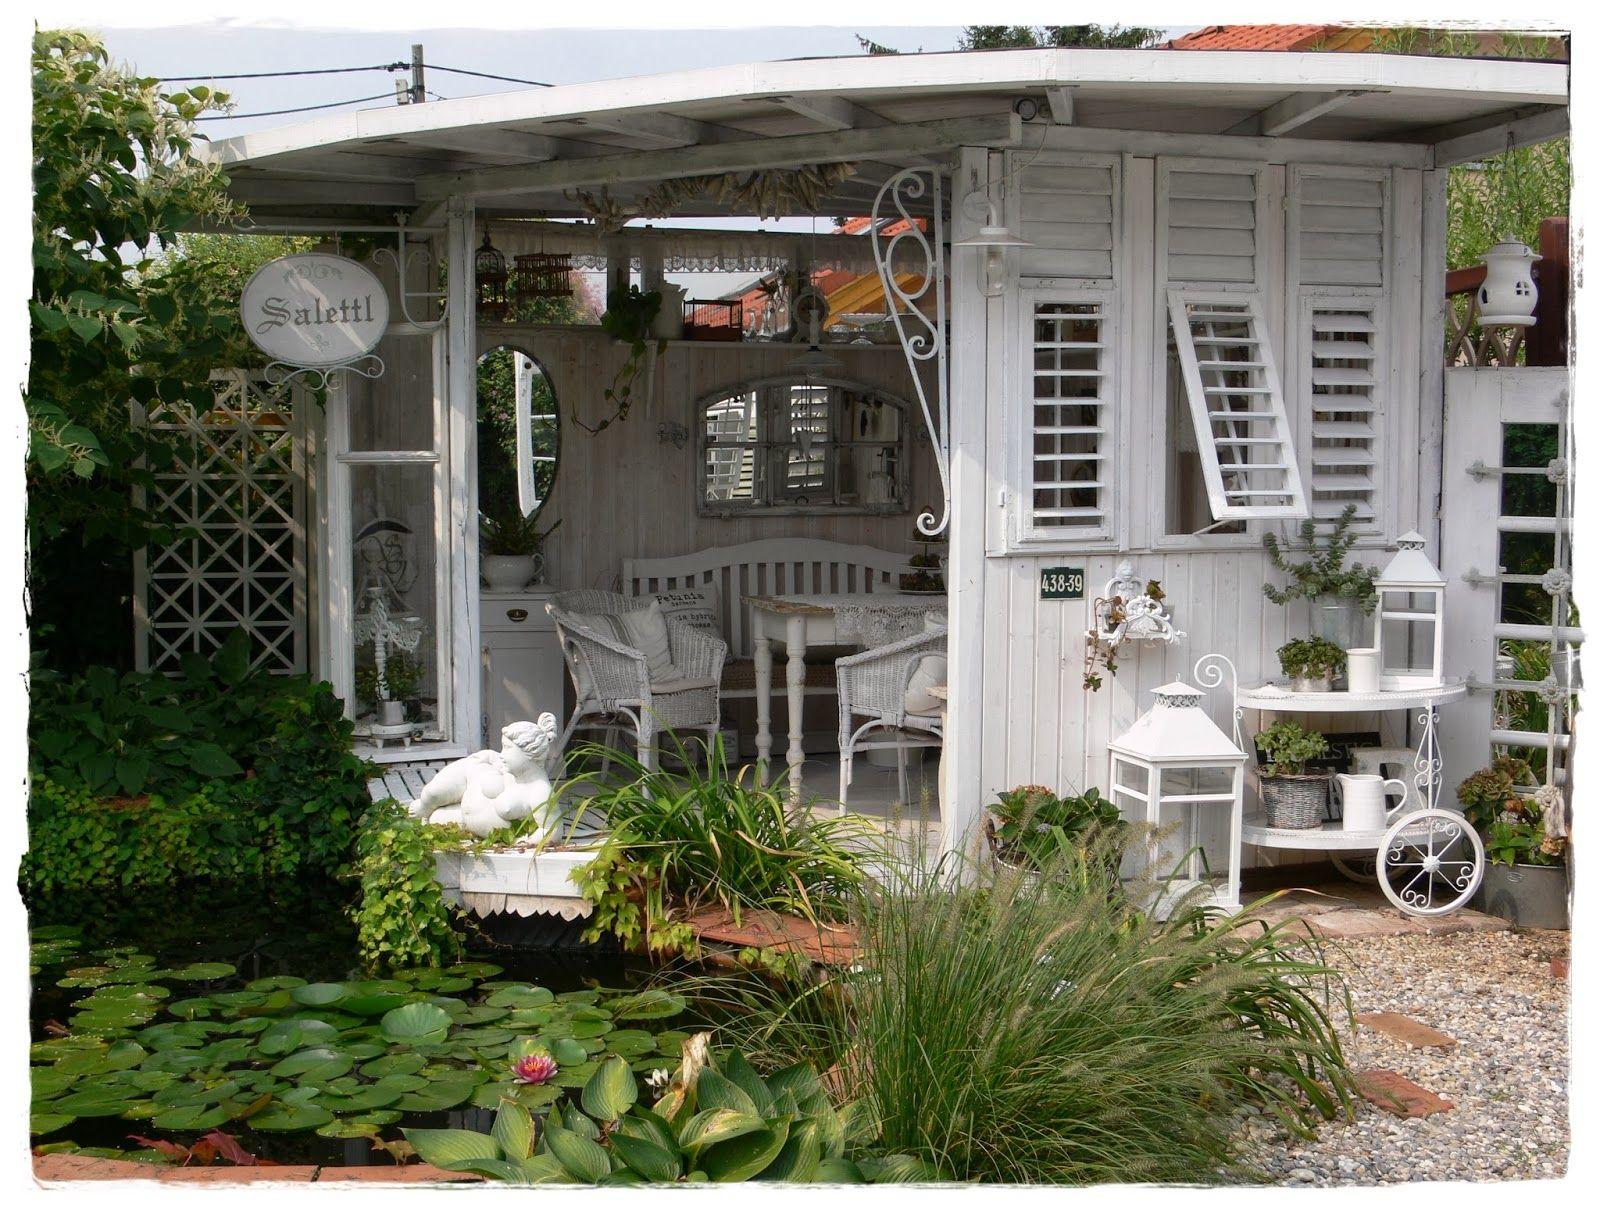 Verzauberkunst Landhaus Style Foto Von Shabby : Vorher-nacher..garten/laube.